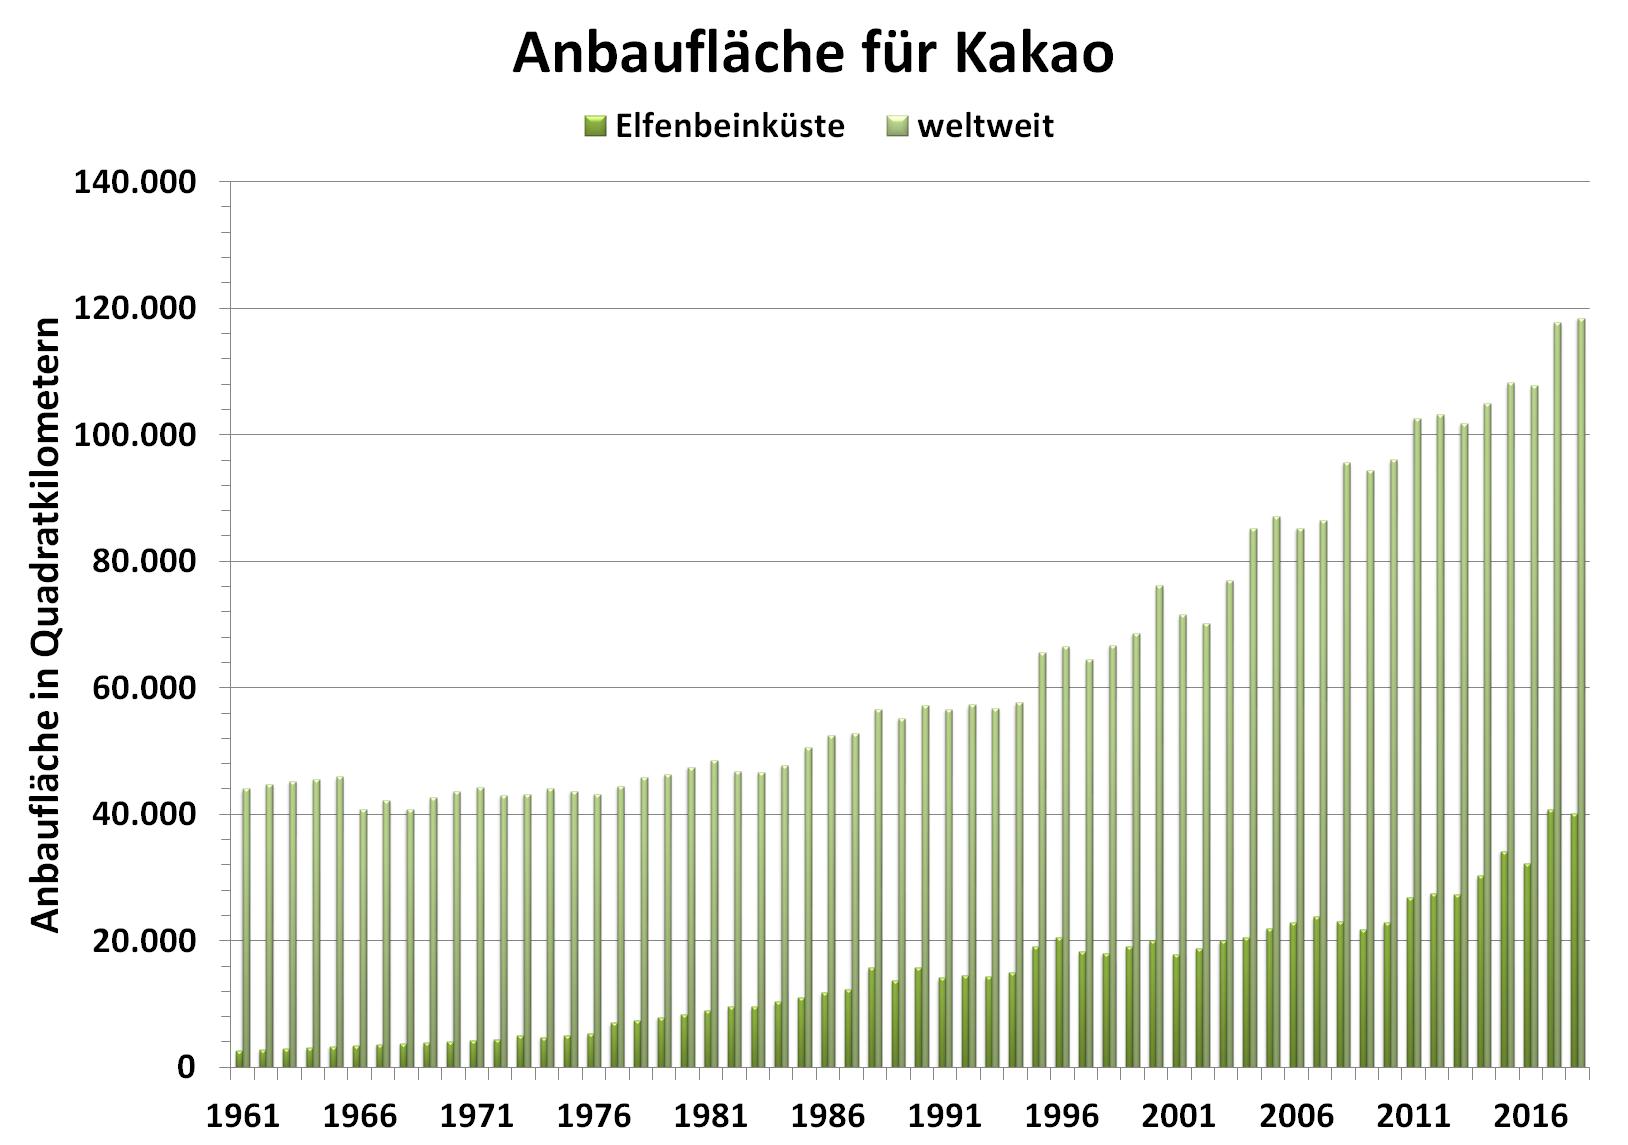 Grafik: Anbaufläche für Kakao weltweit und in der Elfenbeinküste von 1961 bis 2018